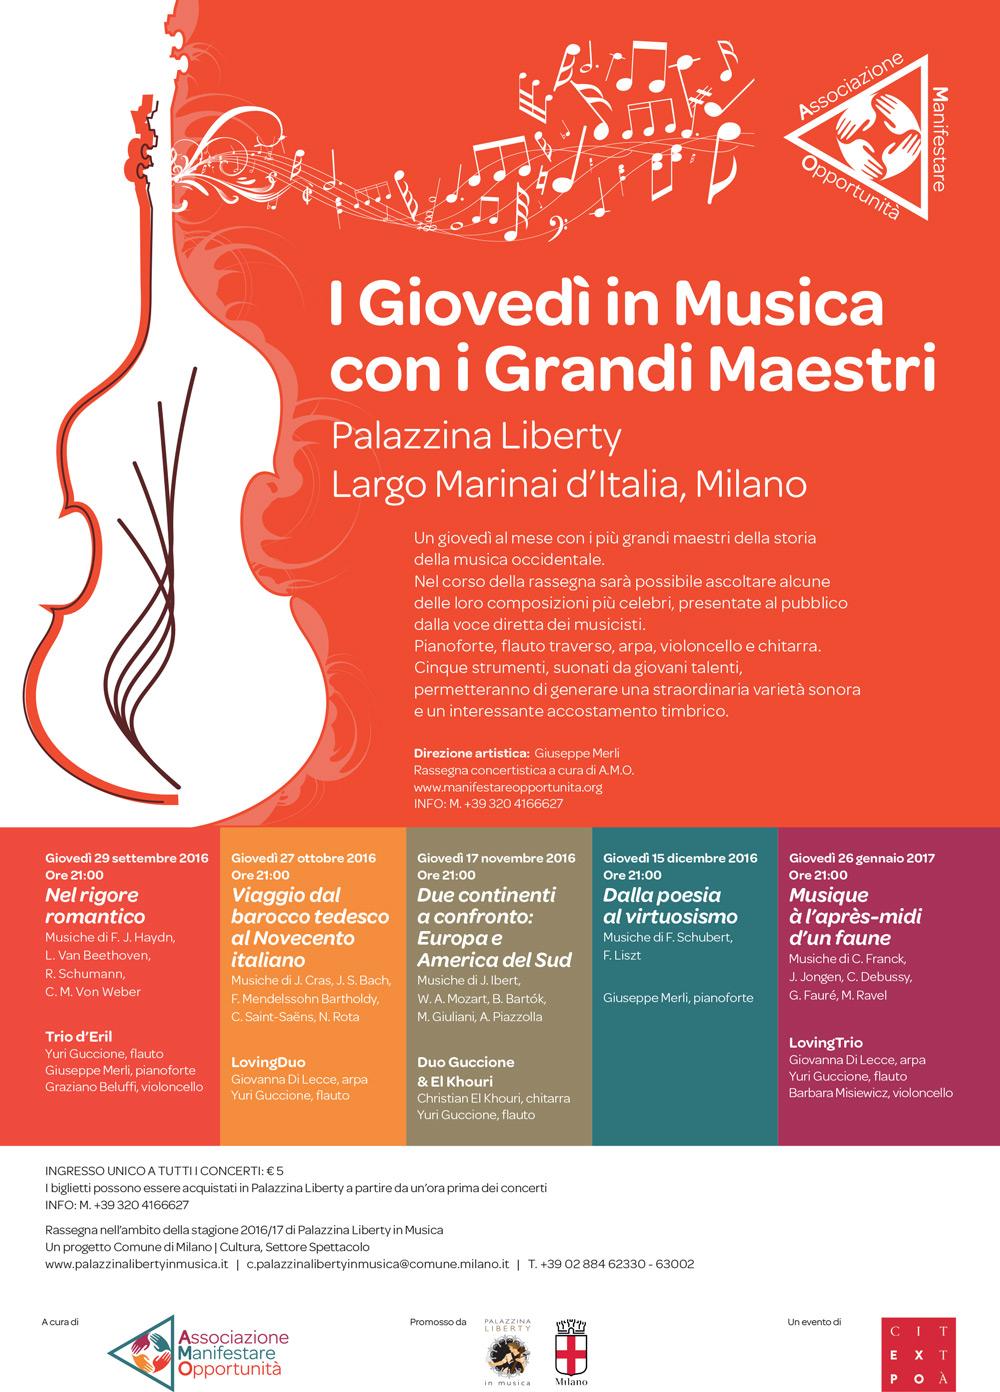 """Rassegna concertistica """"I giovedì in musica con i Grandi Maestri"""" - Palazzina Liberty (Milano)"""